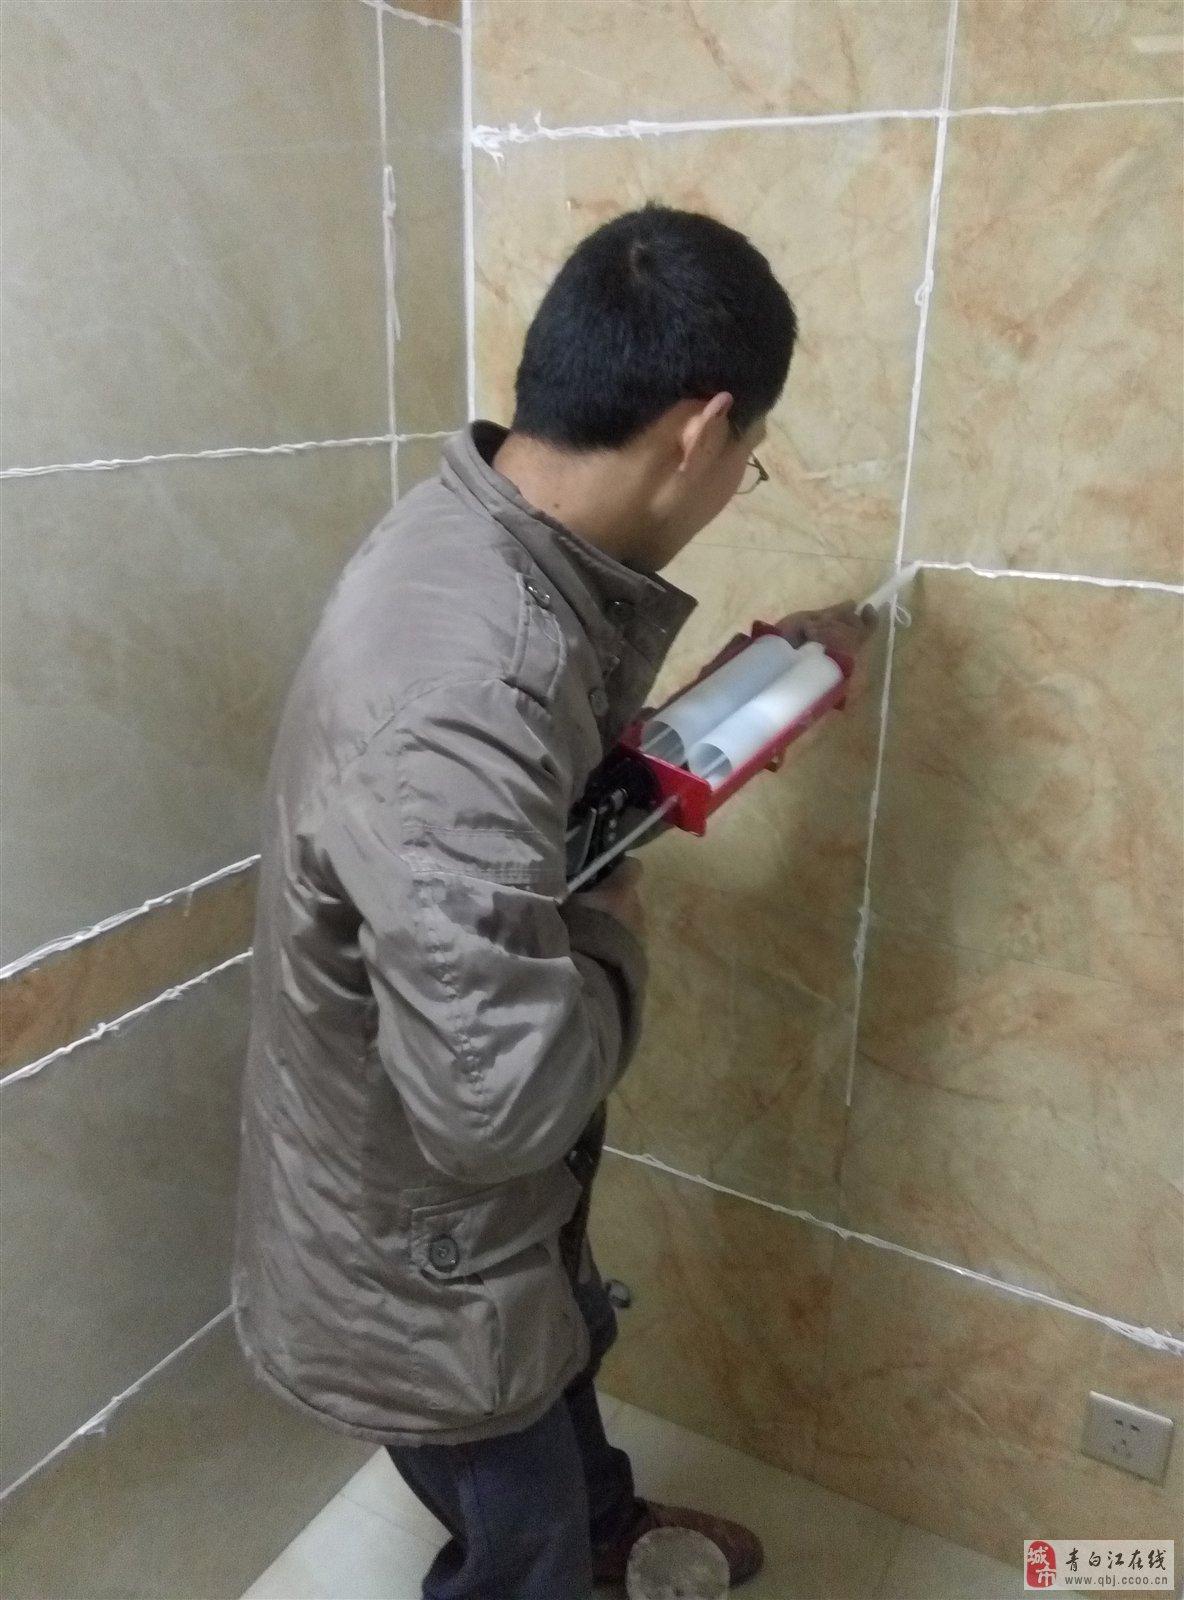 美缝剂(真瓷胶)专业施工团队让你的瓷砖缝隙永不脏黑